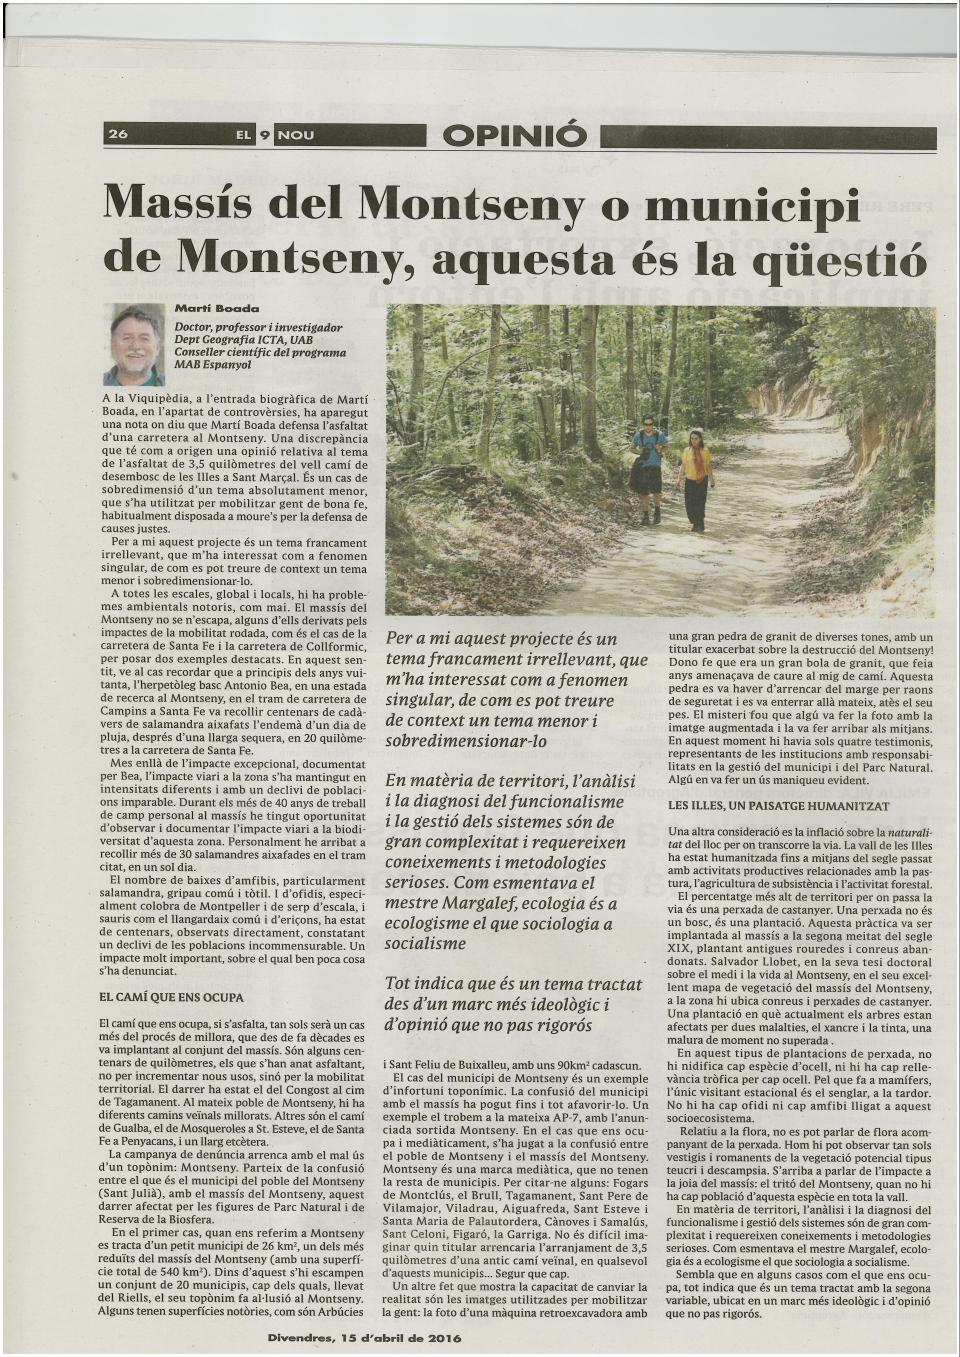 Massís del Montseny o municipi de Montseny aquesta és la questió_El 9 nou MB 15-4-2016